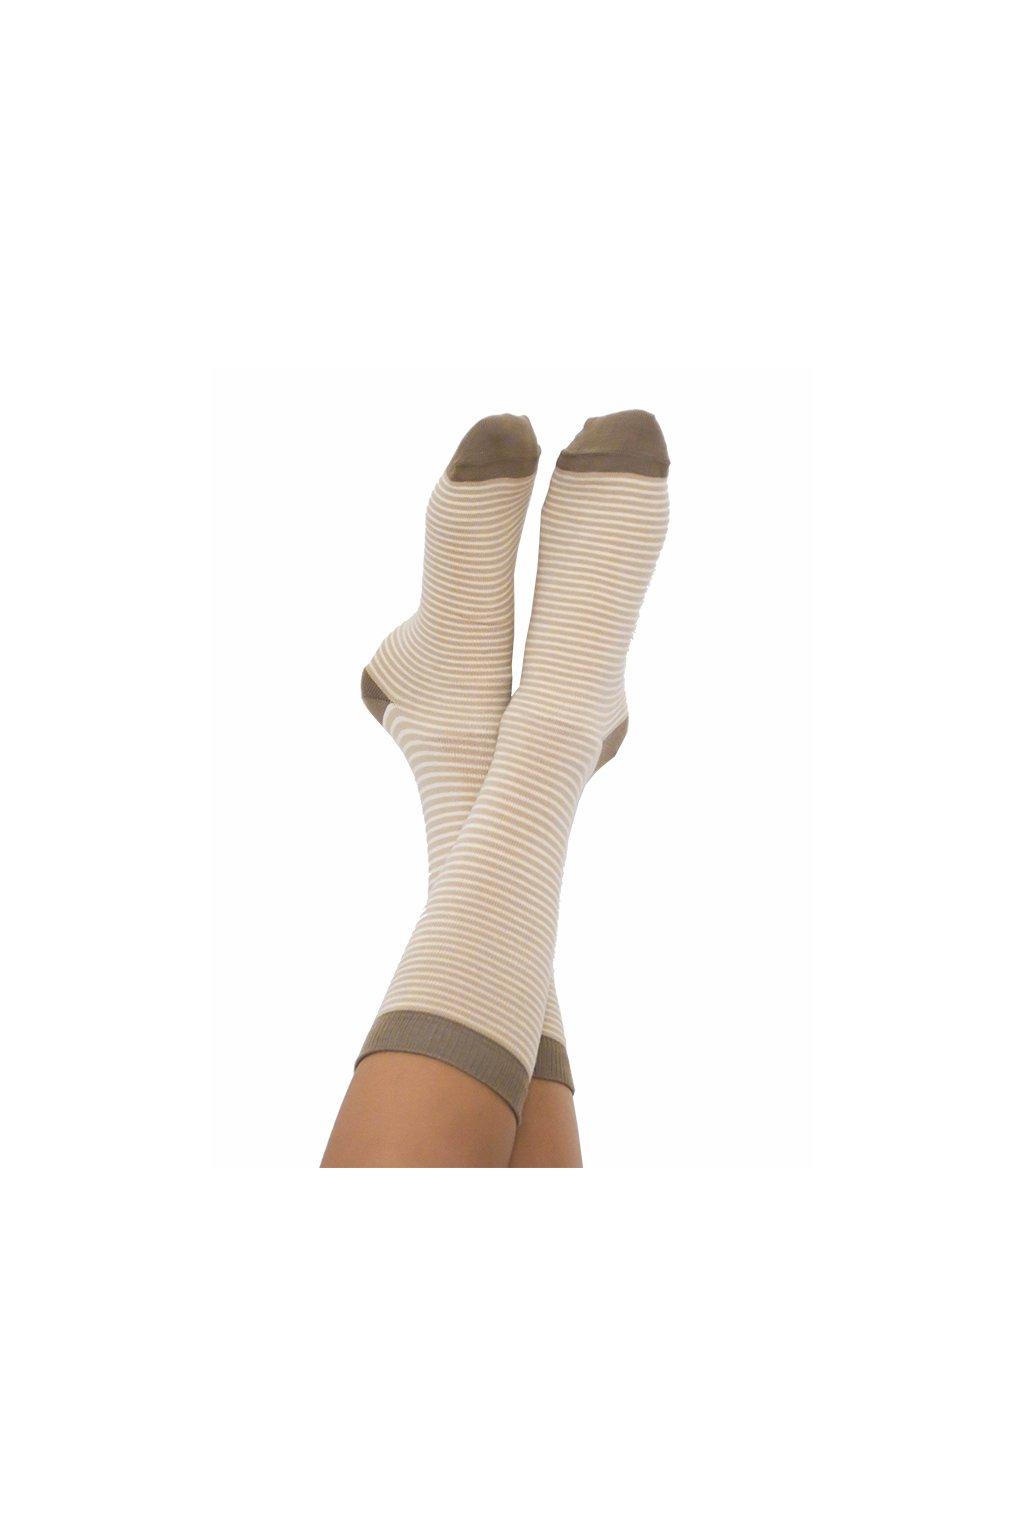 Proužkaté ponožky z biobavlny - hnědá/přírodní (Velikost 35-38)